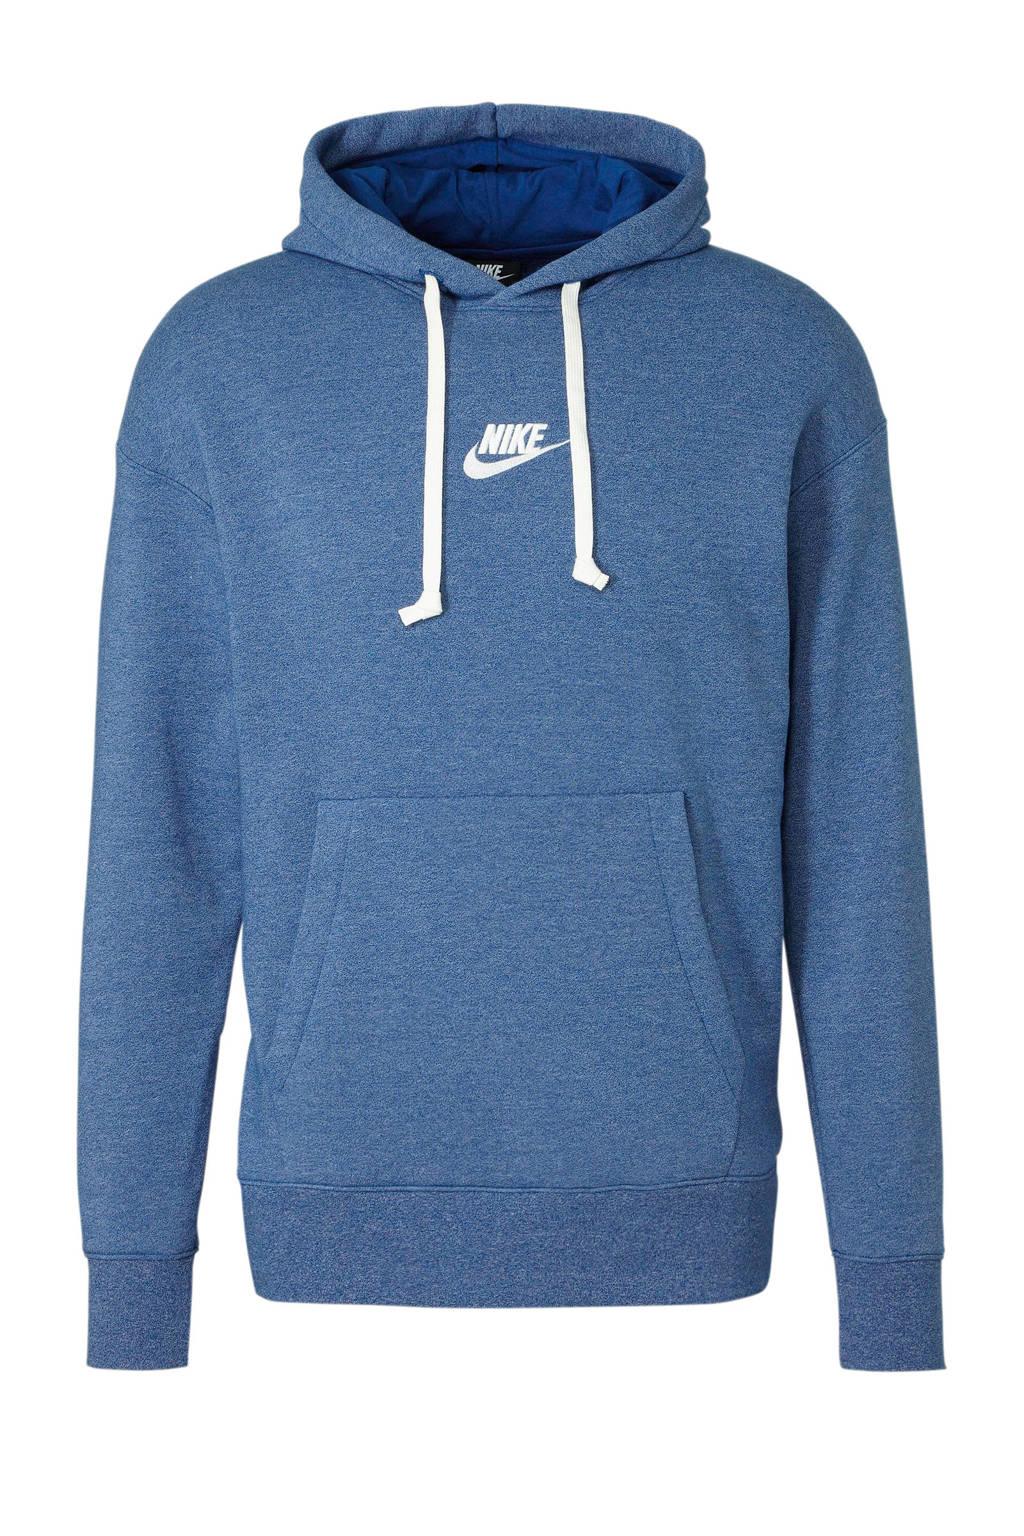 Nike   sportsweater blauw, Blauw